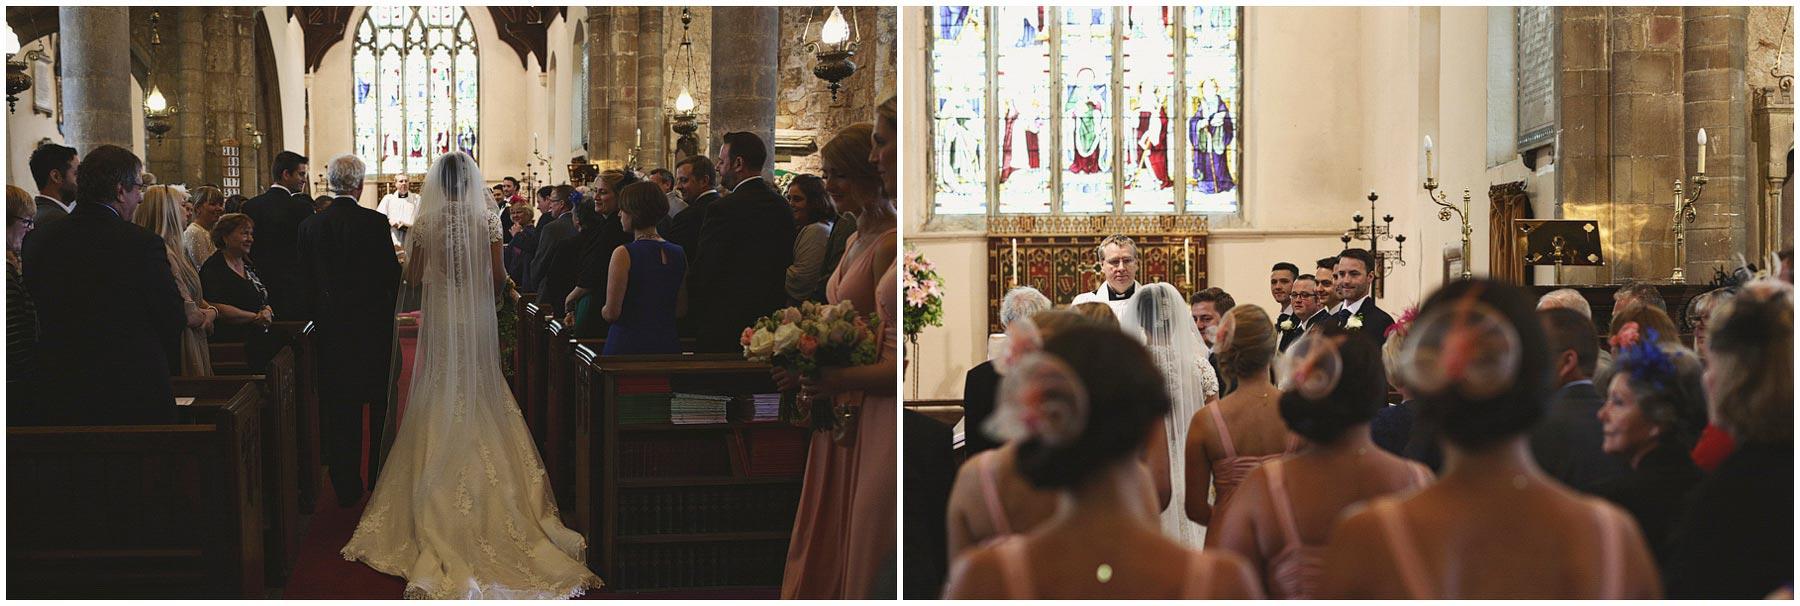 Wentbridge-House-Wedding-Photography-74